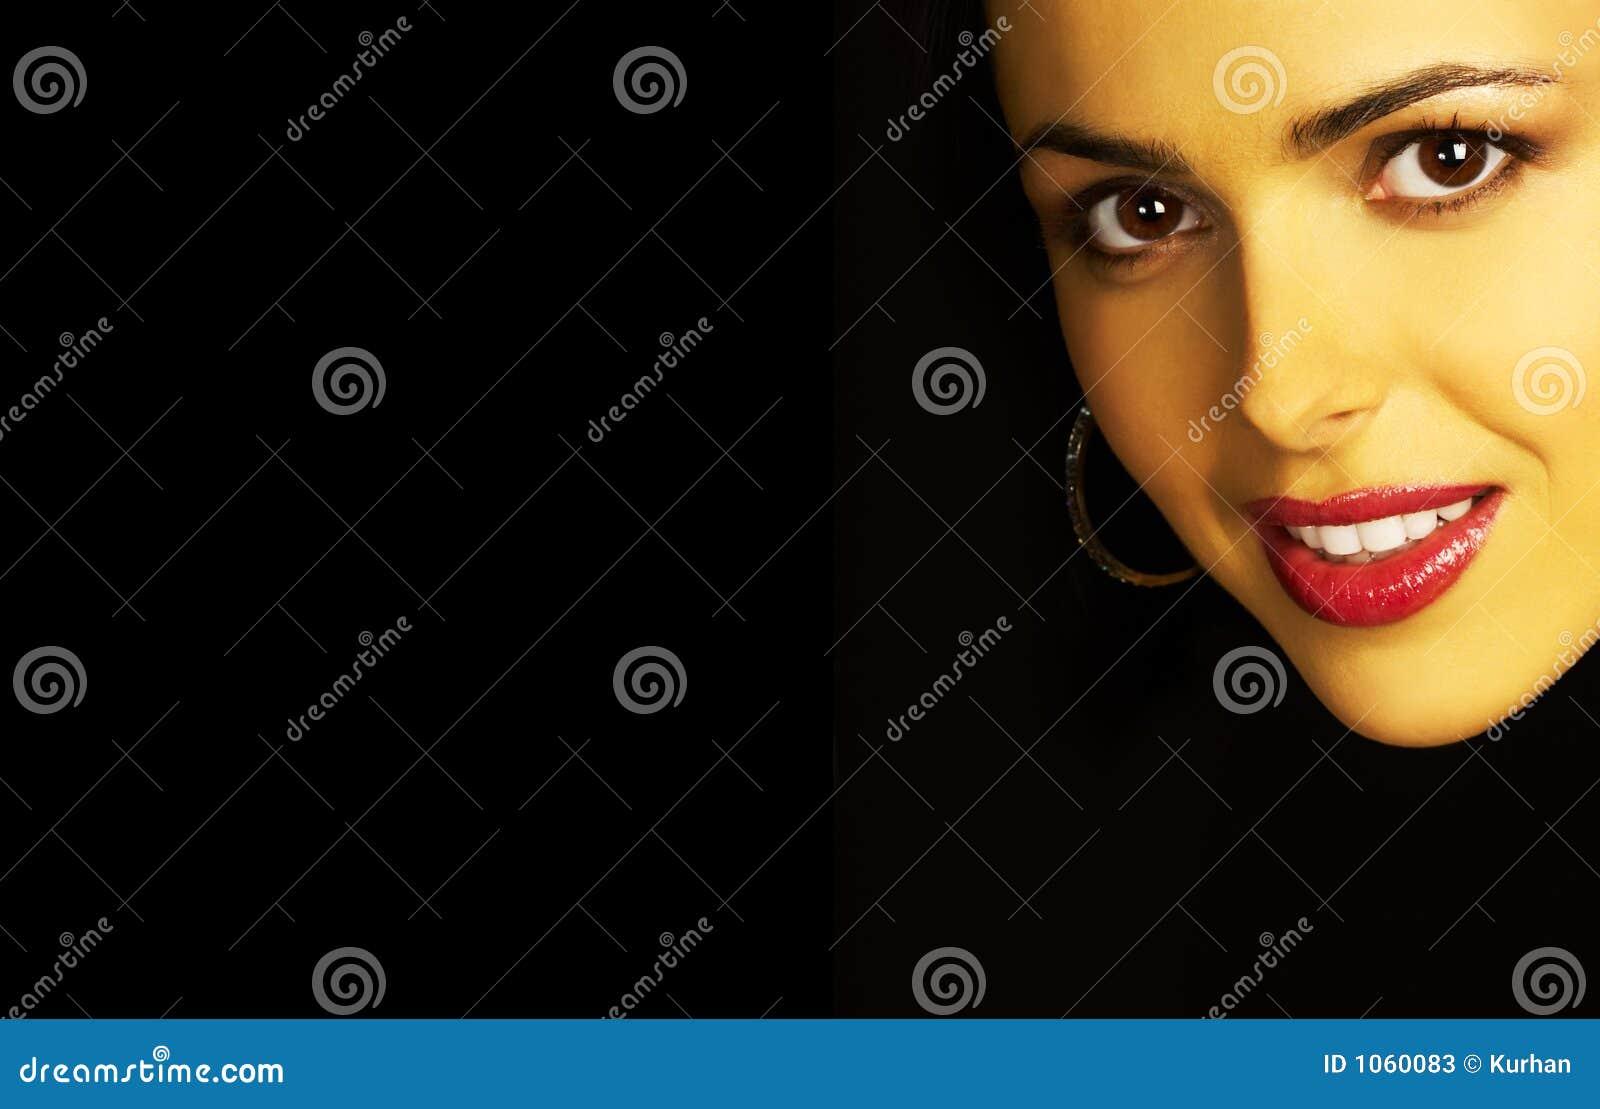 Geheimzinnige vrouwenglimlach